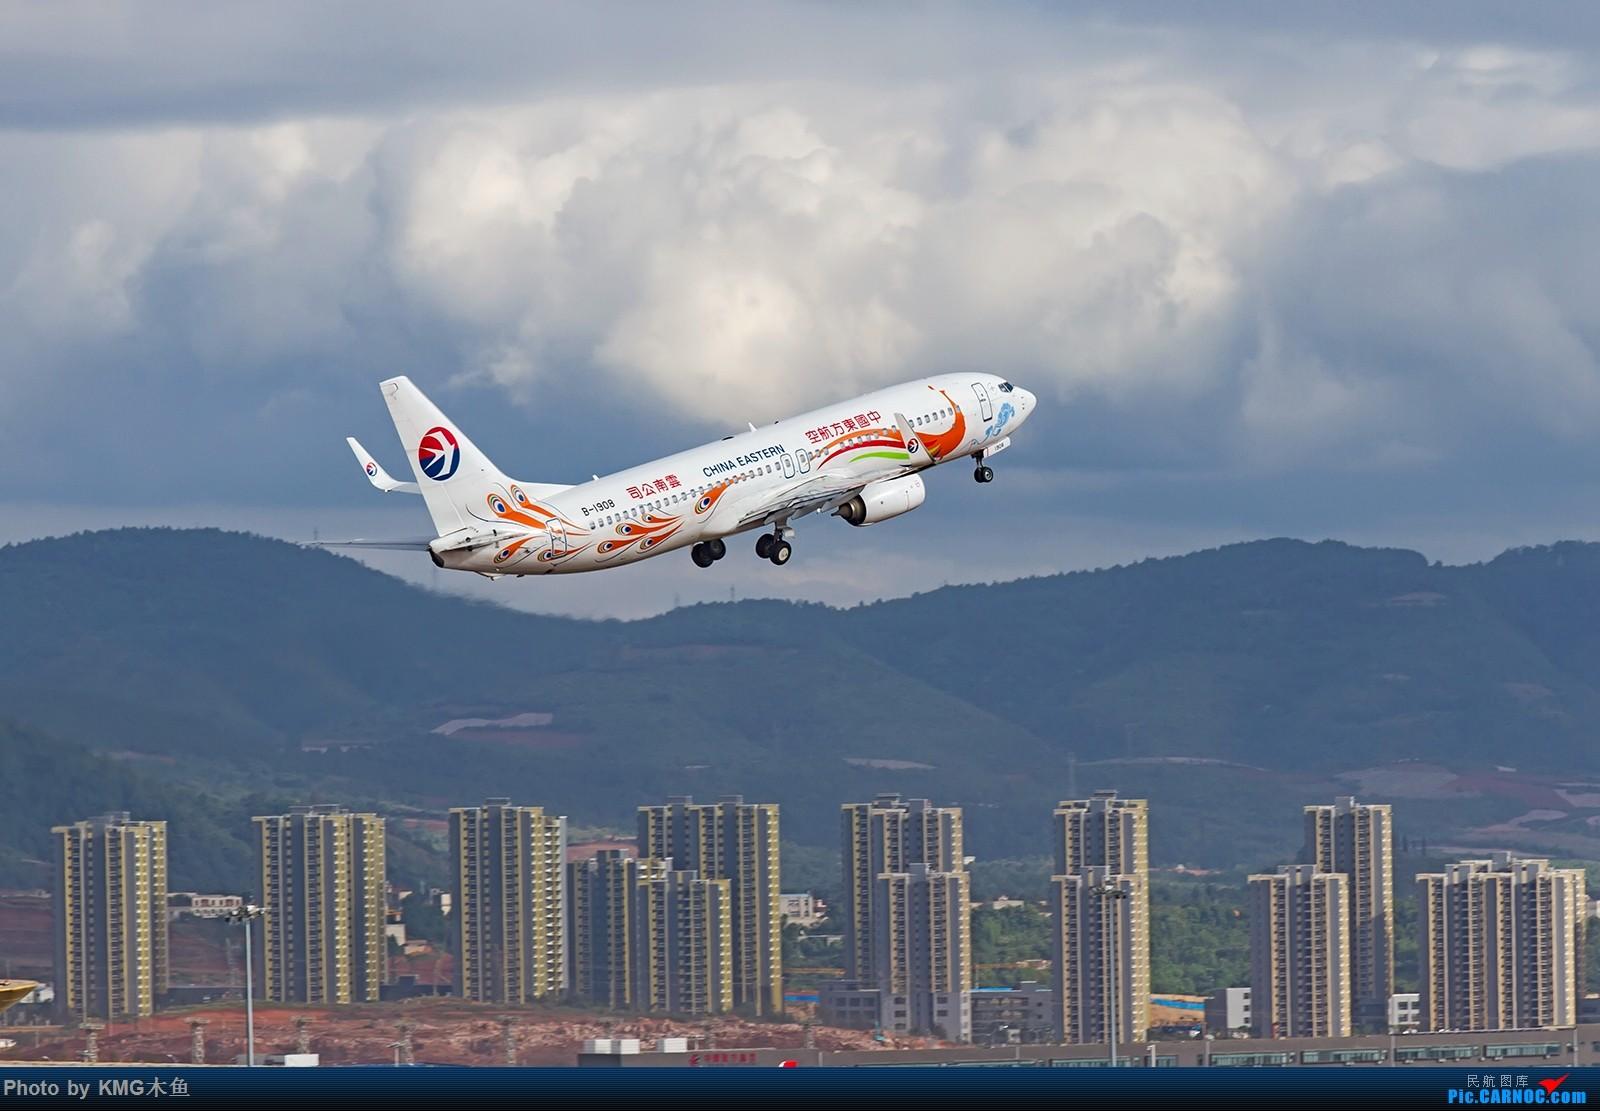 [原创]【昆明长水国际机场】到处都在建设,空港经济发展飞速呀 BOEING 737-800 B-1908 中国昆明长水国际机场